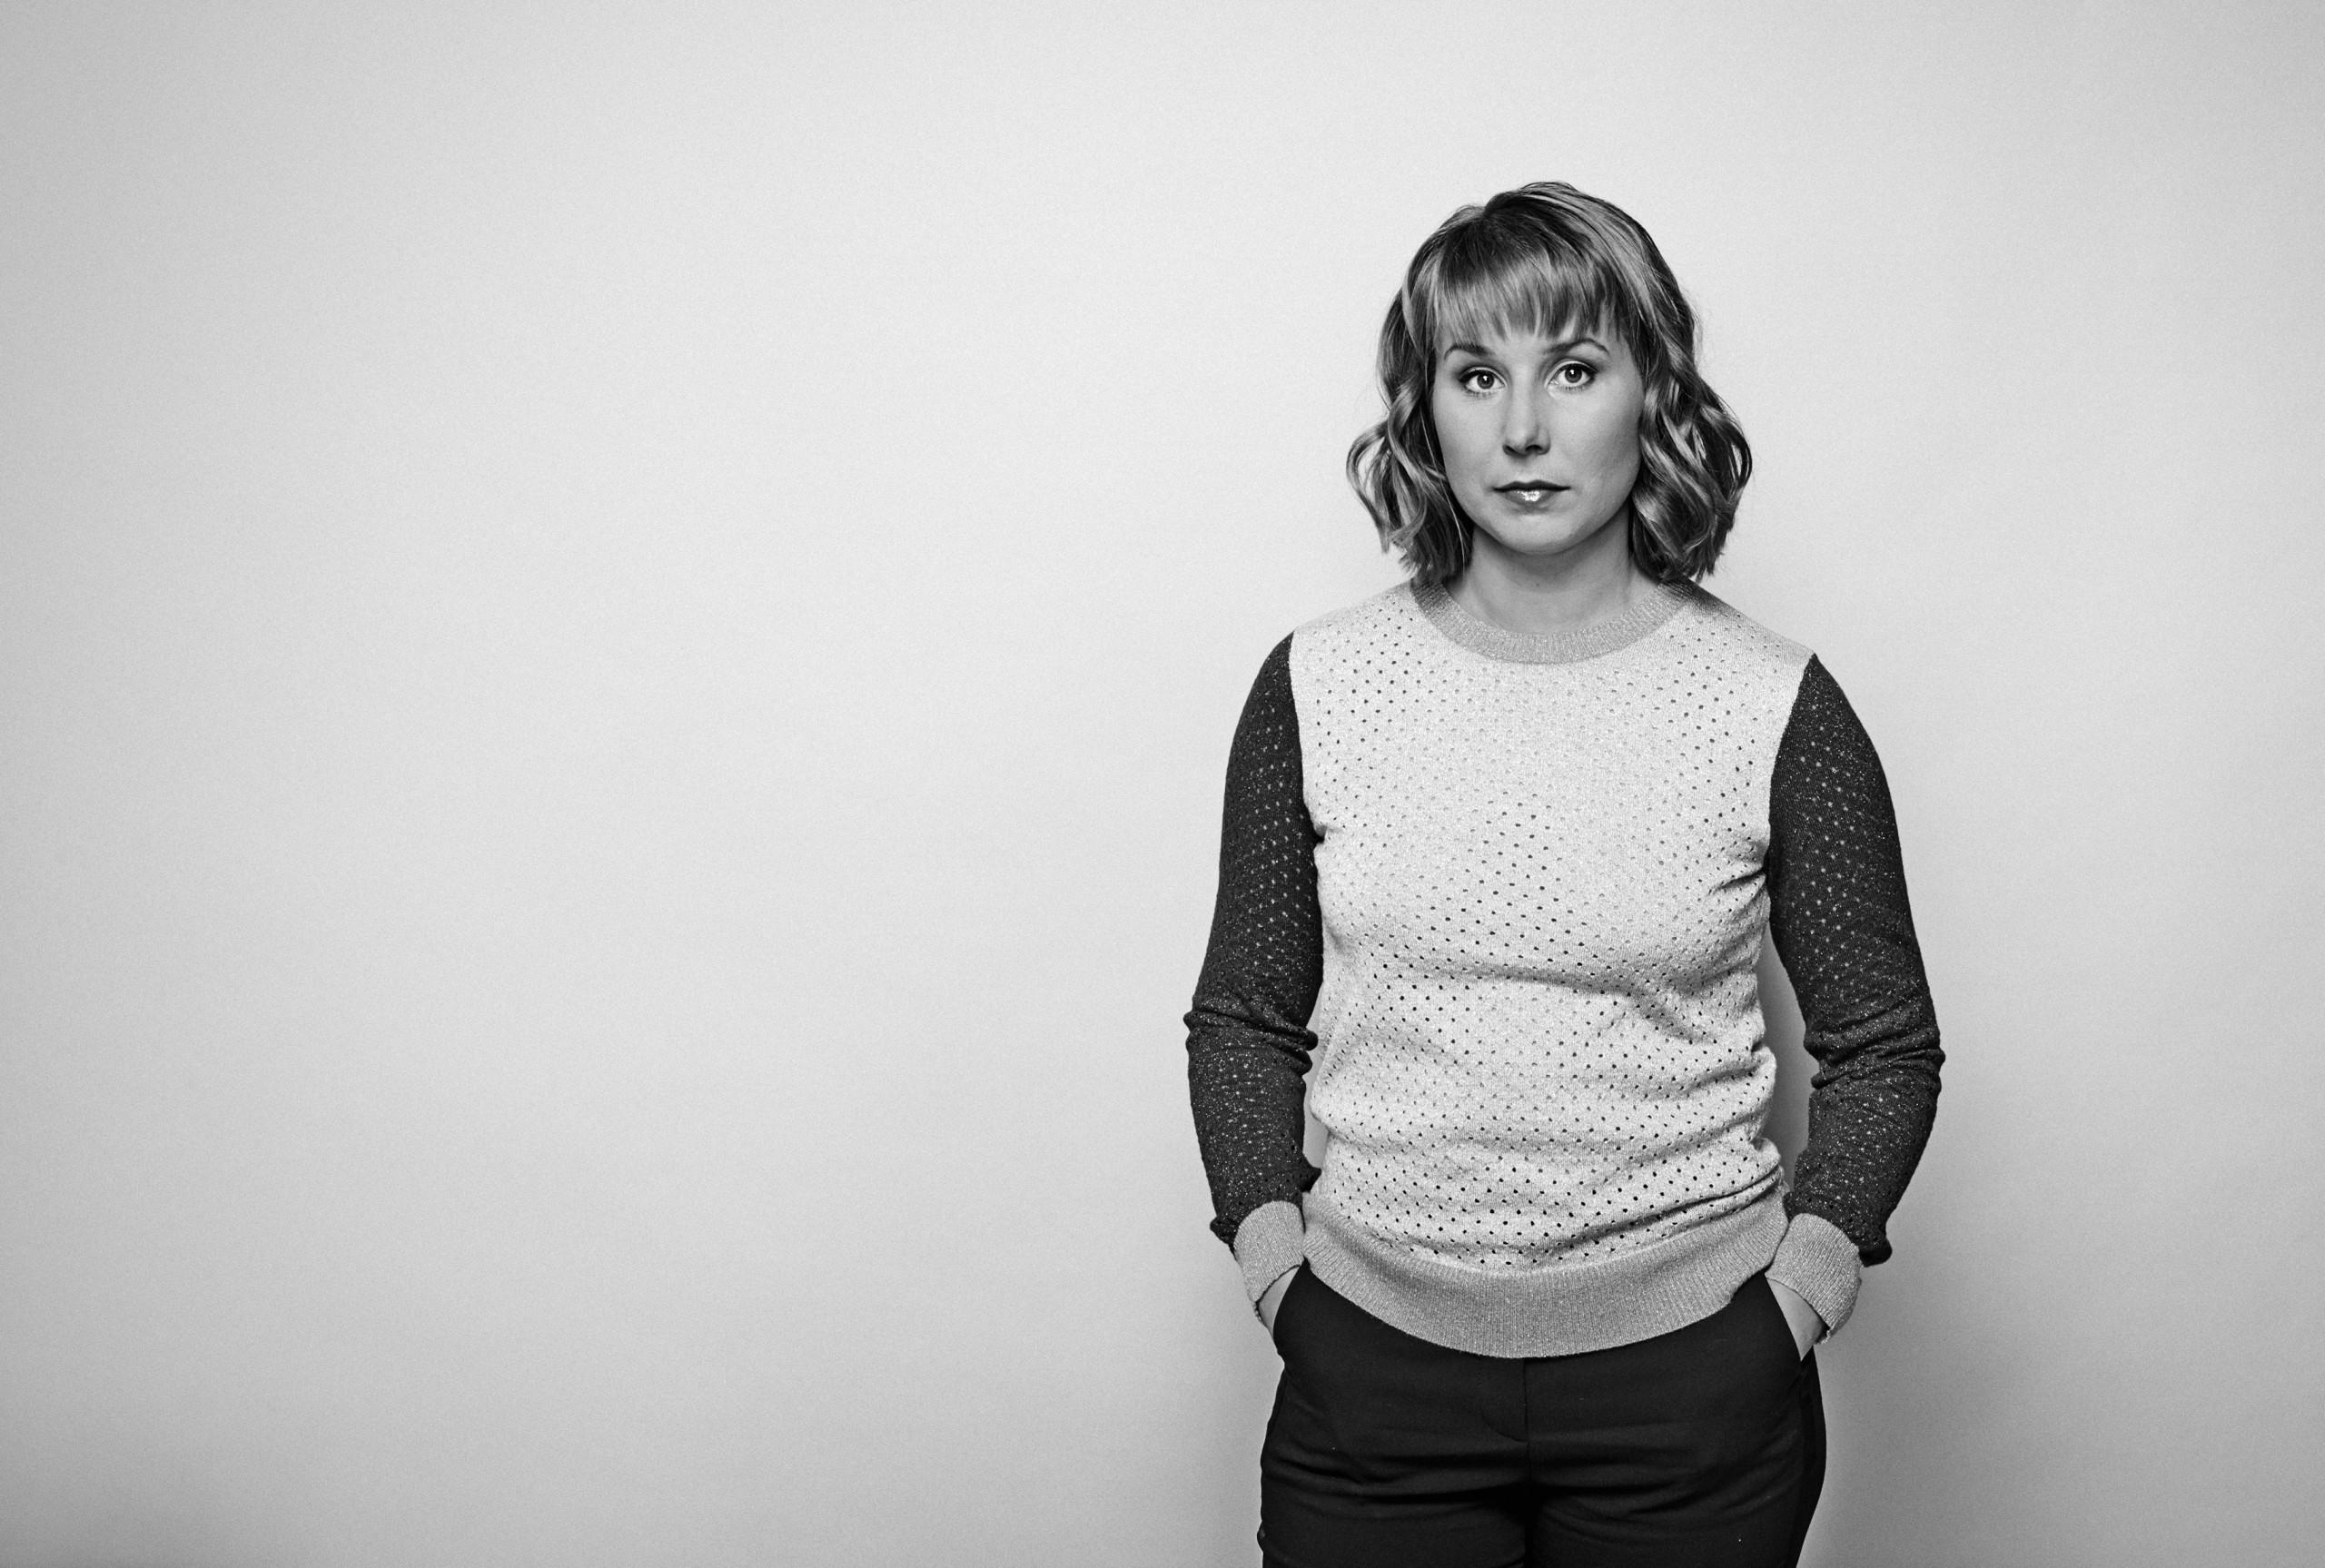 Þóra Hjörleifsdóttir